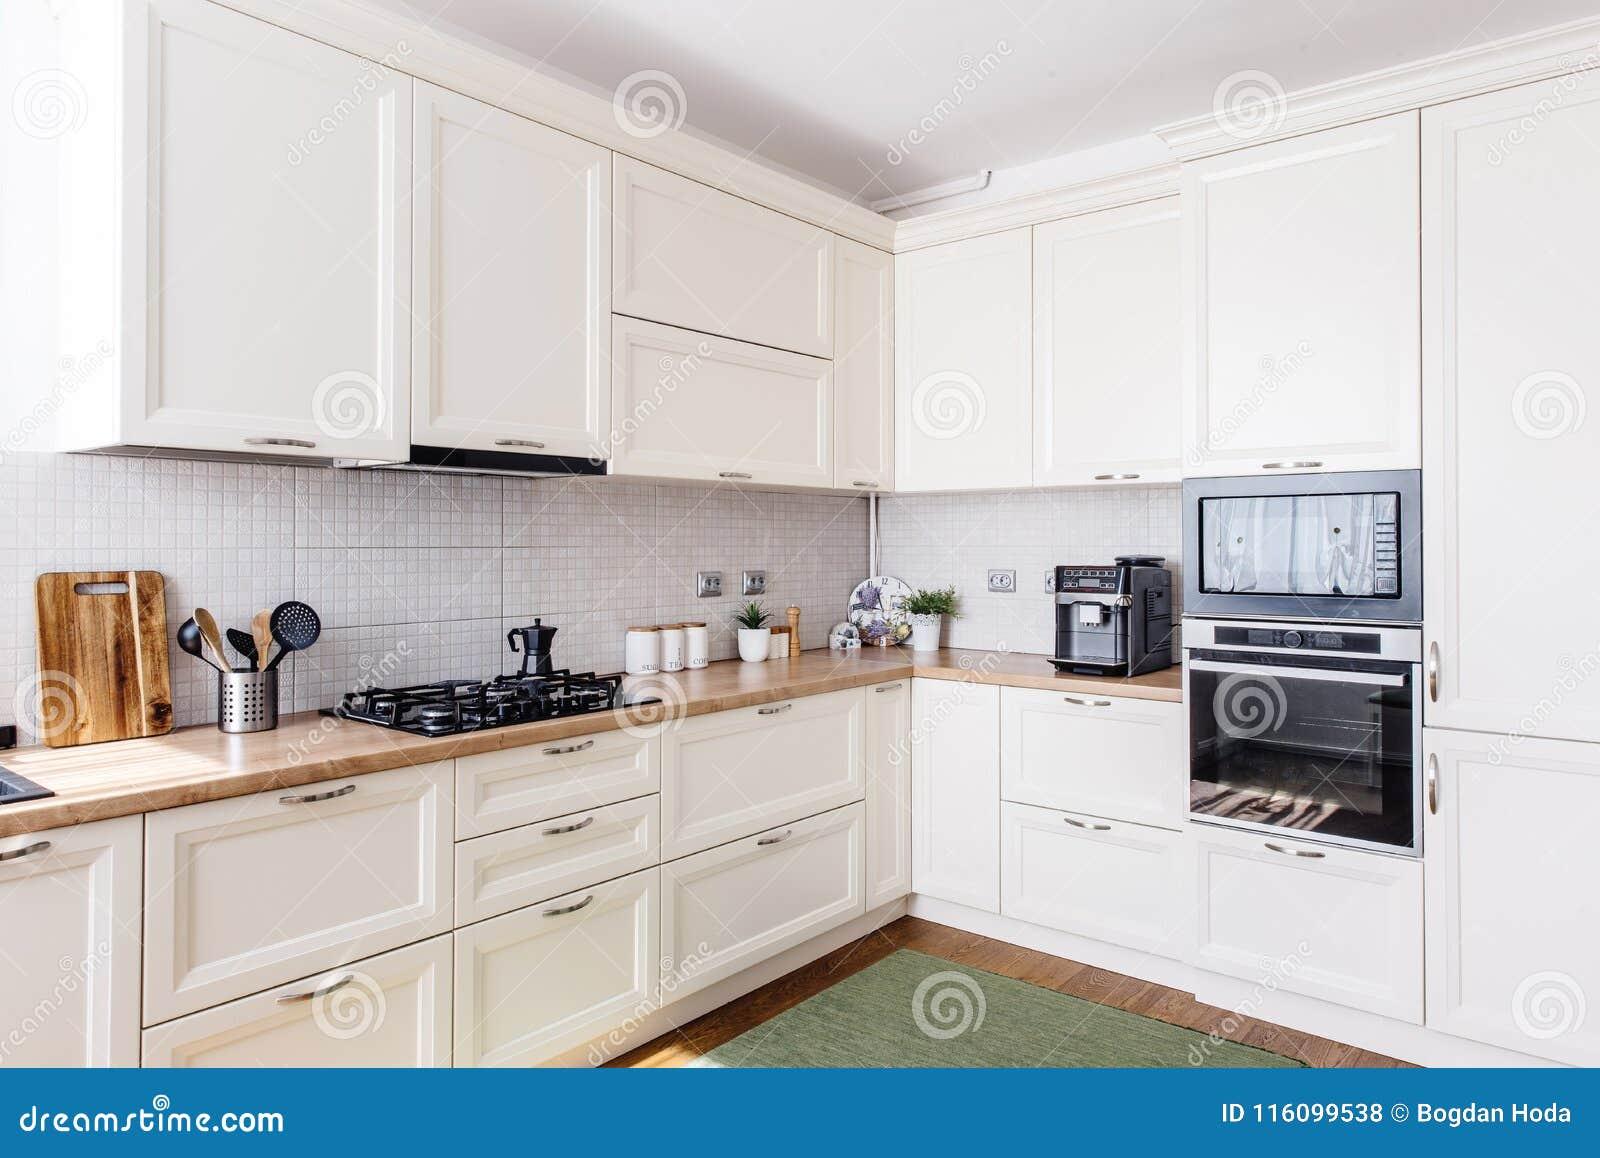 Küchenbereich Im Neuen Haus Modernes Design Und Weiße Möbel ...